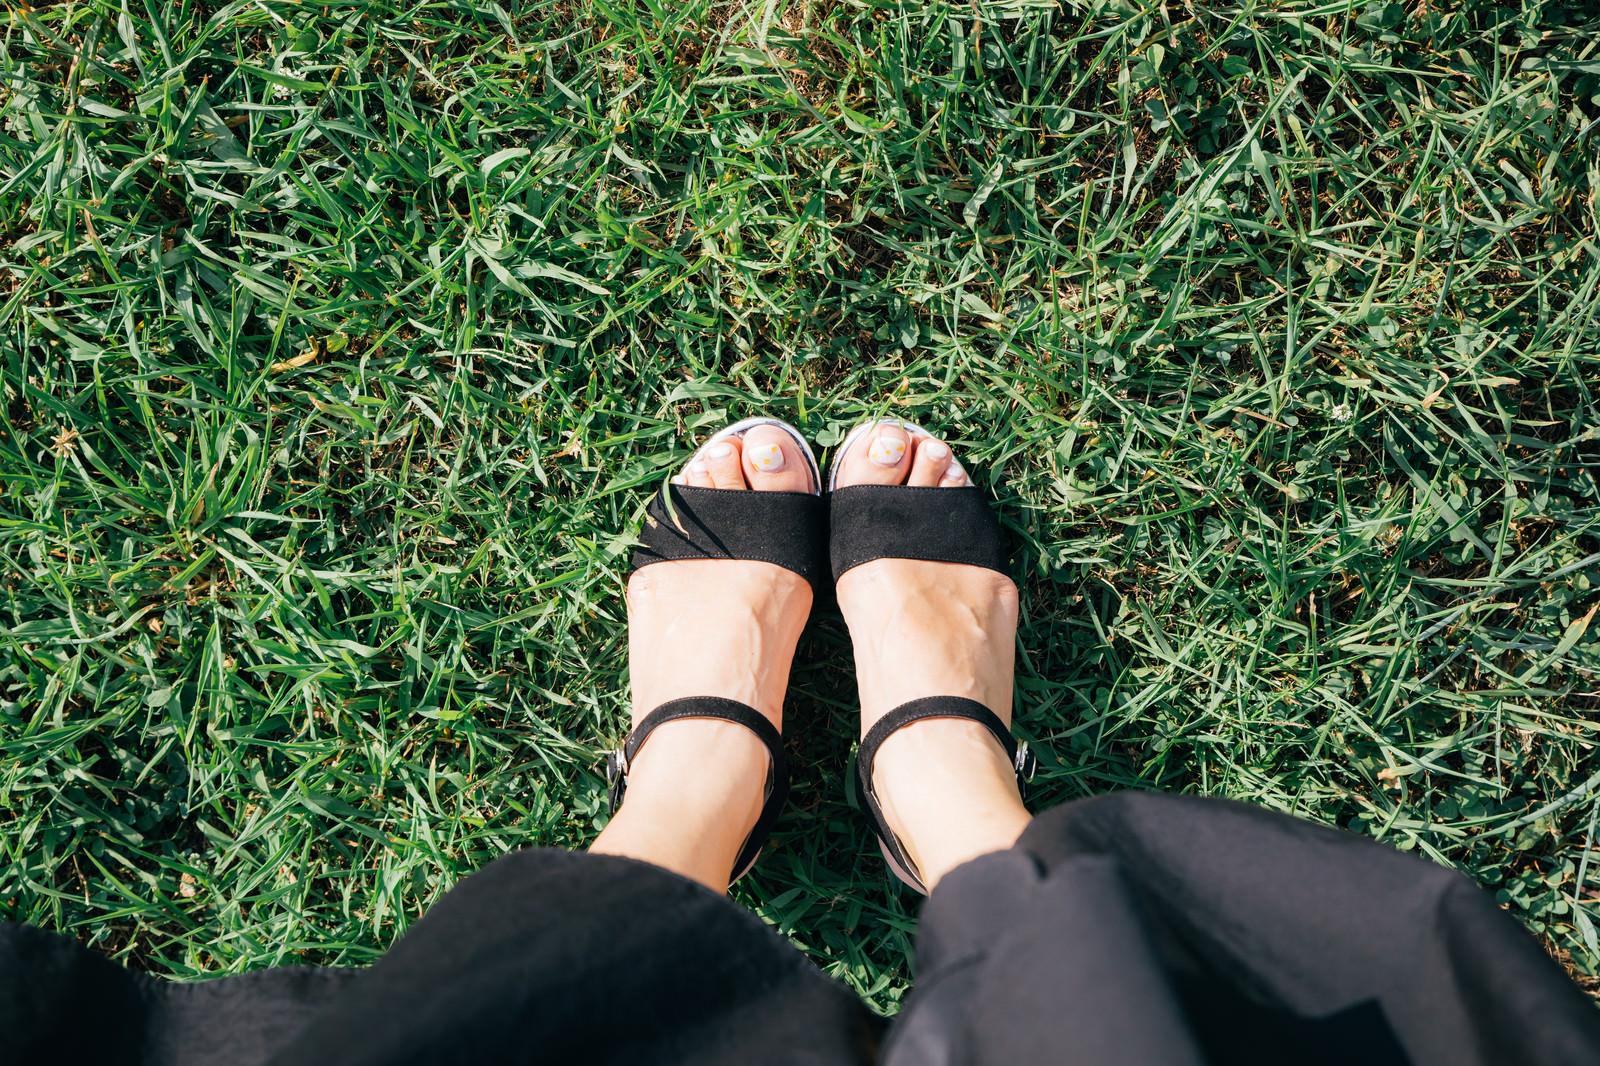 「芝生と女性の足元芝生と女性の足元」のフリー写真素材を拡大